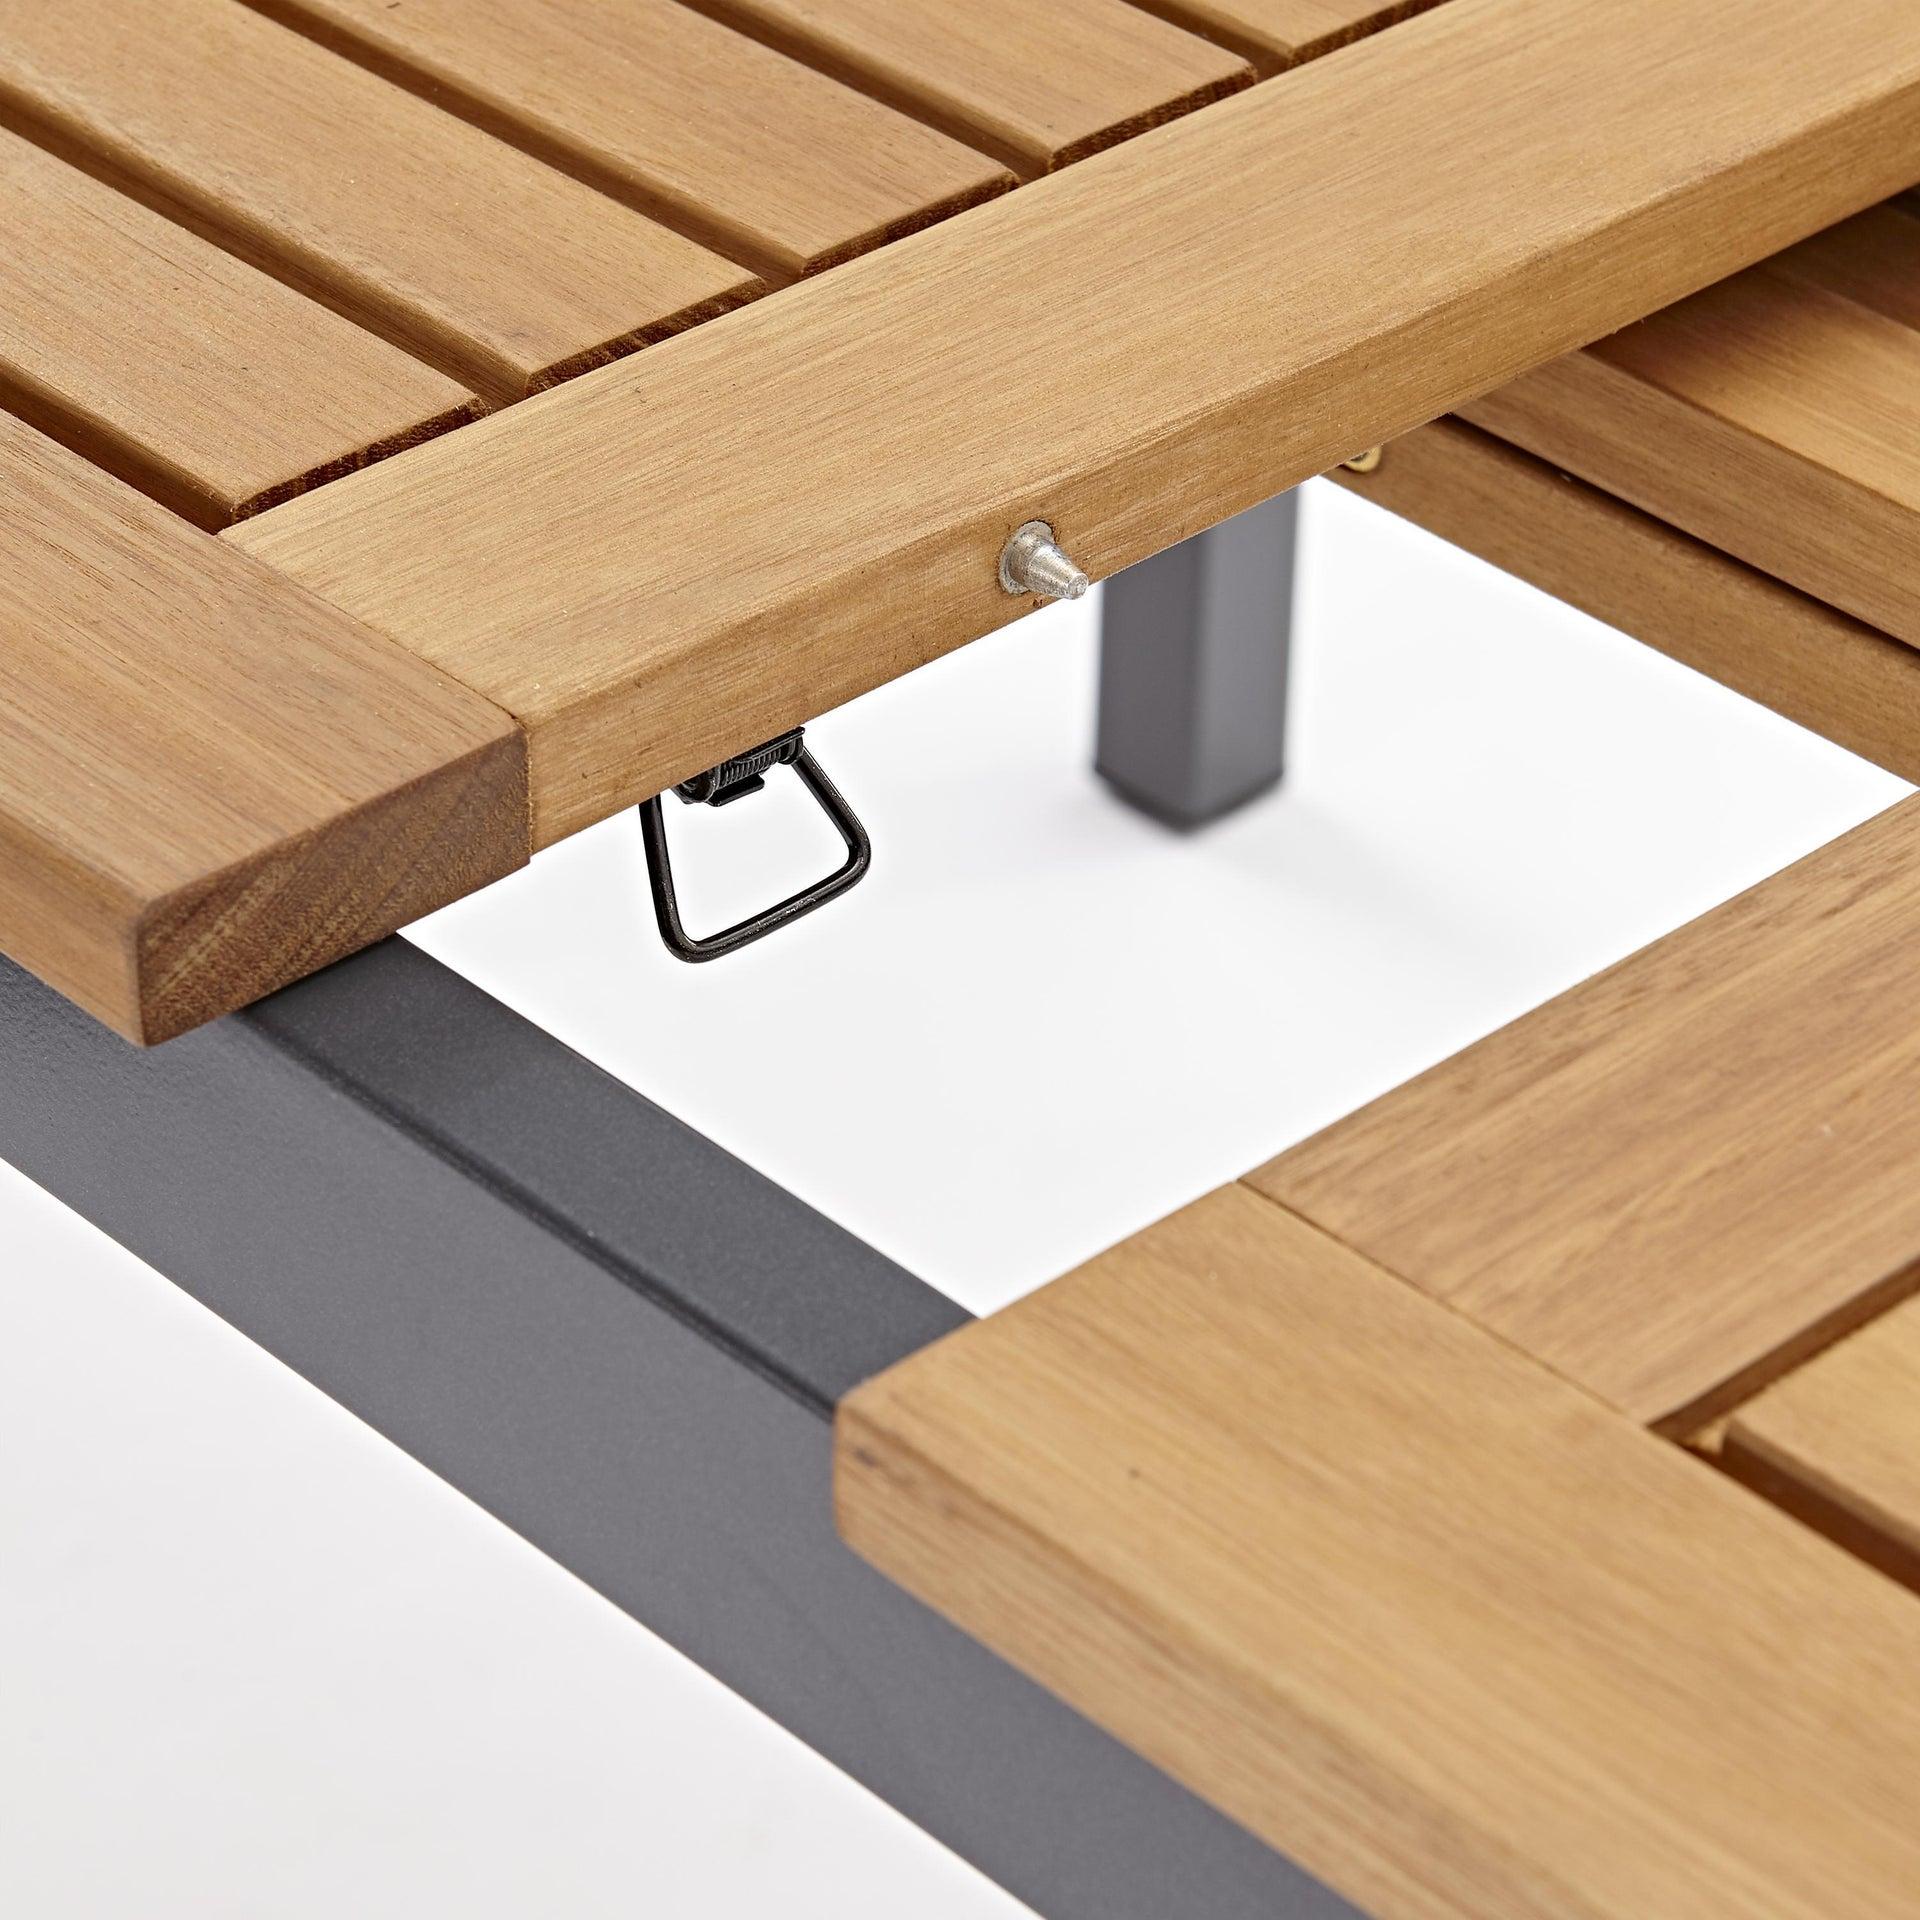 Tavolo da giardino allungabile rettangolare Oris NATERIAL con piano in legno L 180/240 x P 98.9 cm - 19